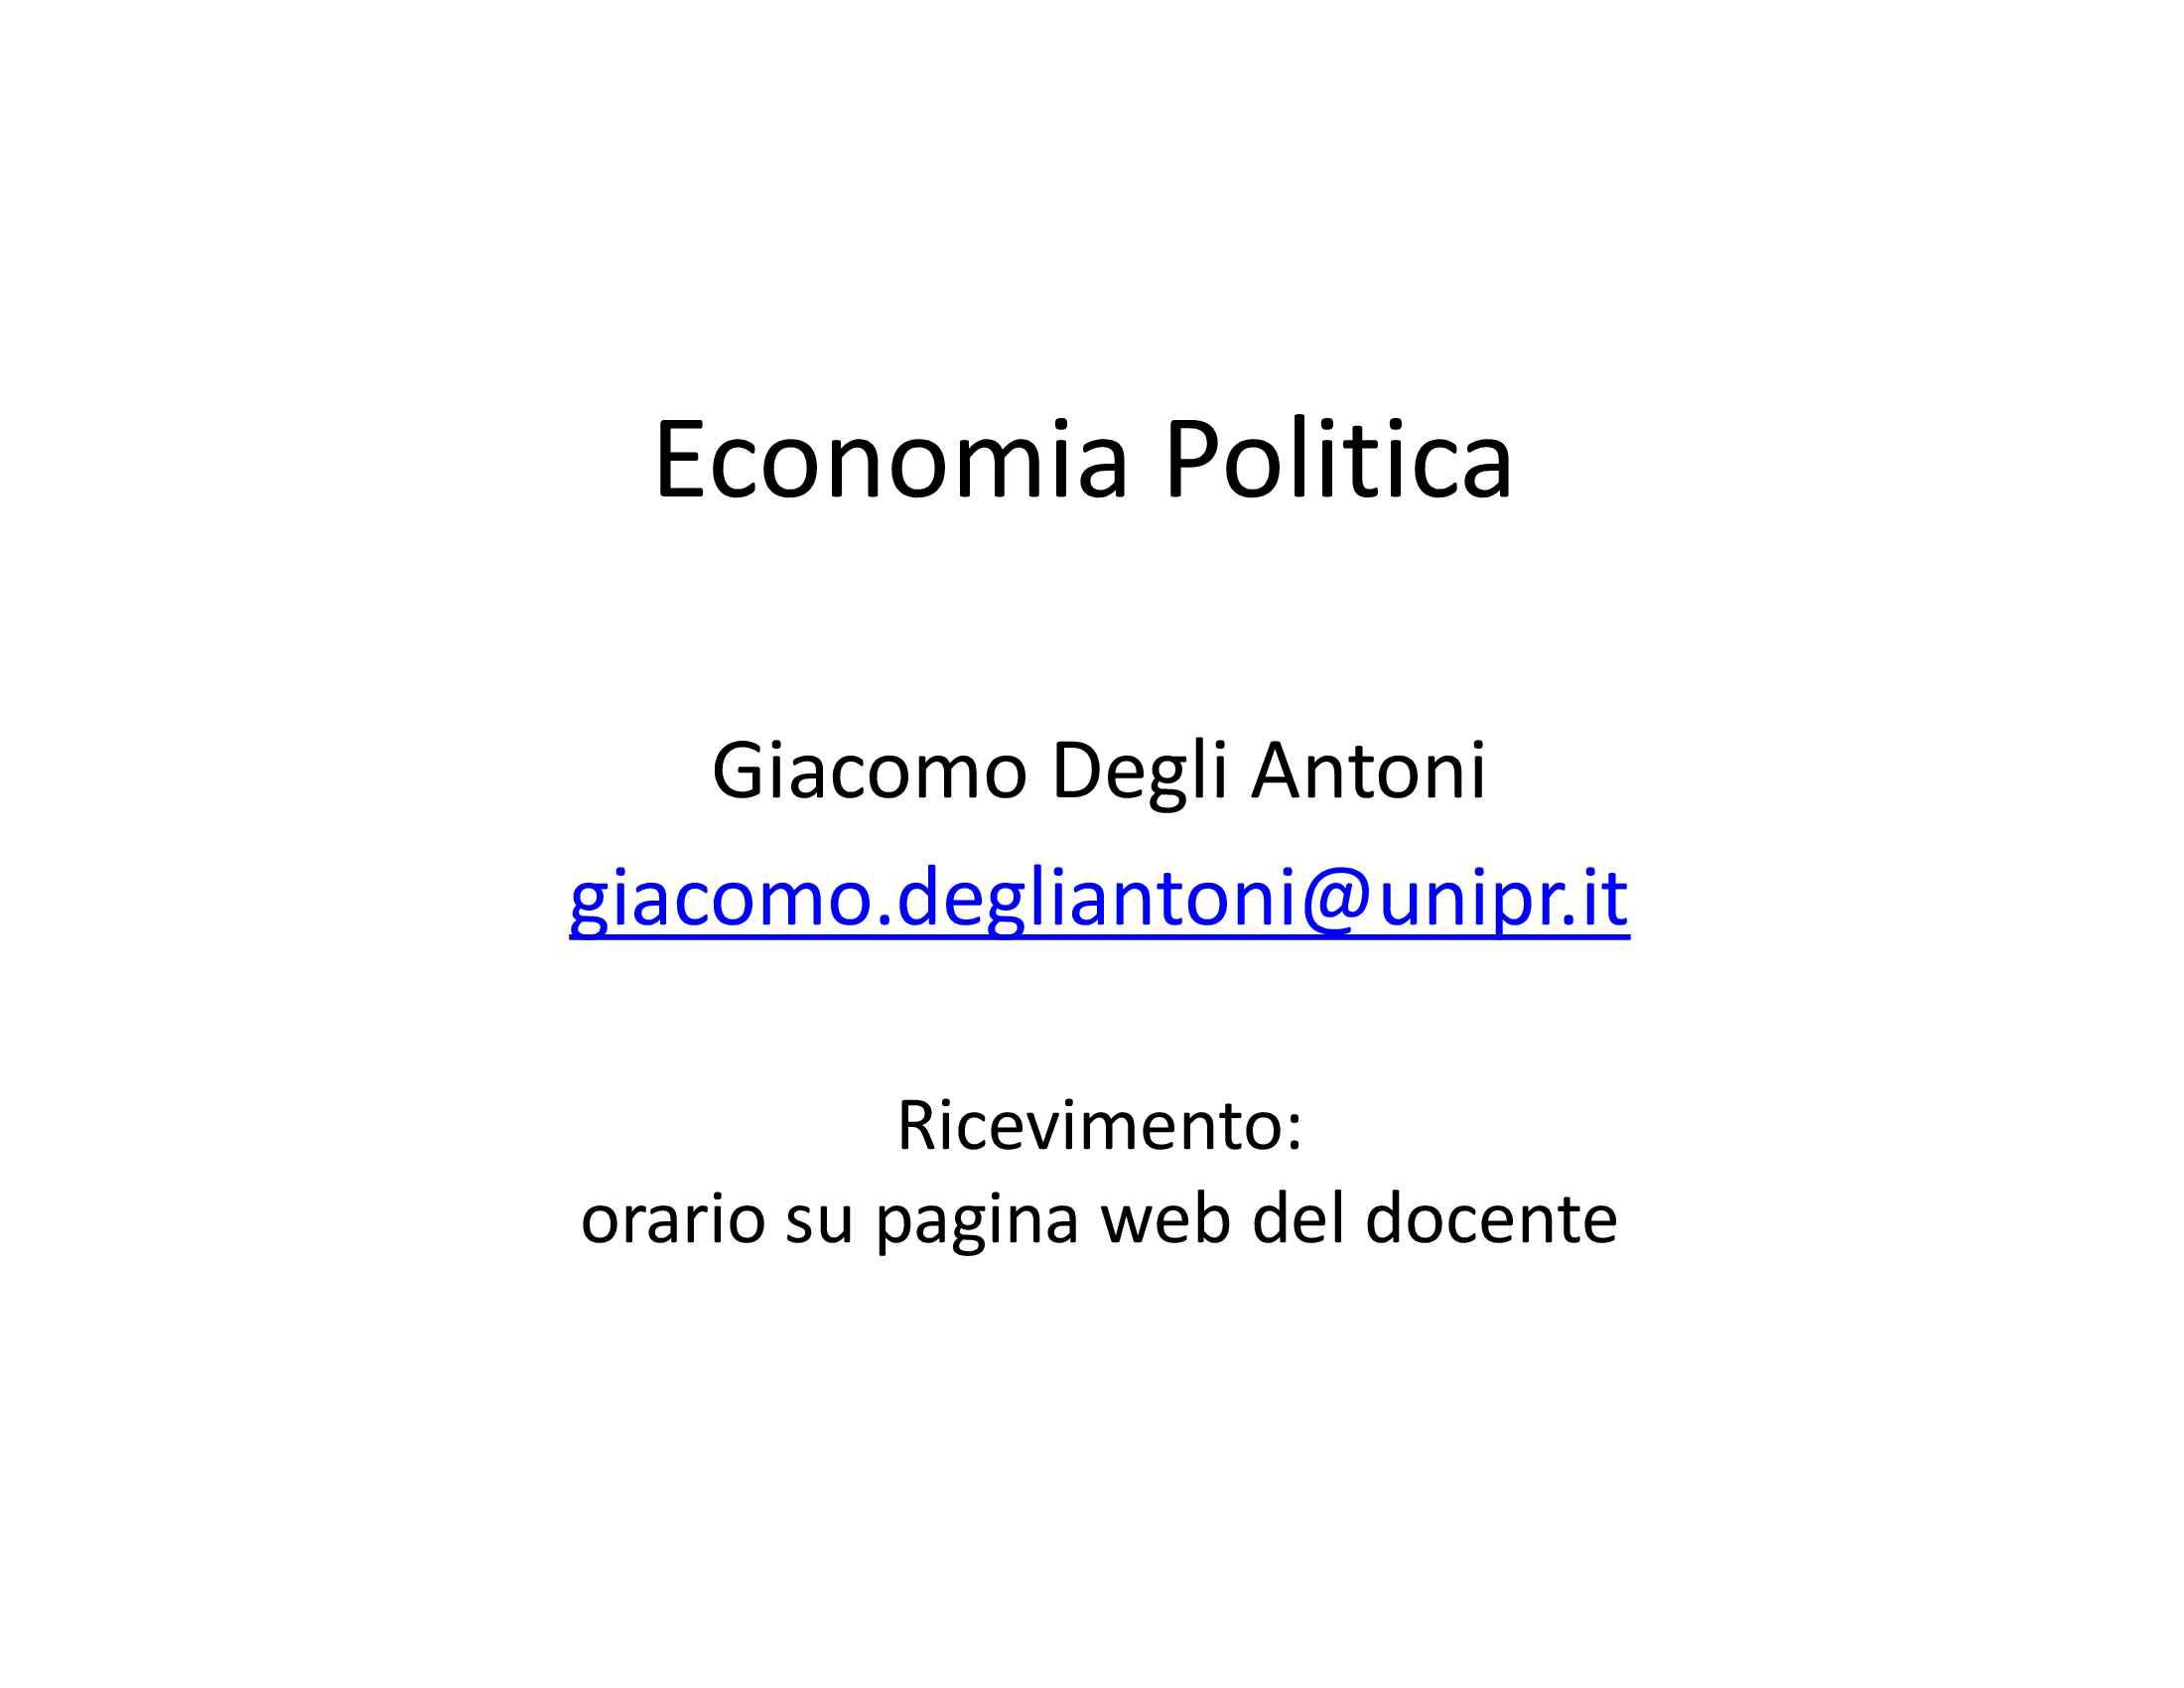 dispensa G. Degli Antoni Economia politica